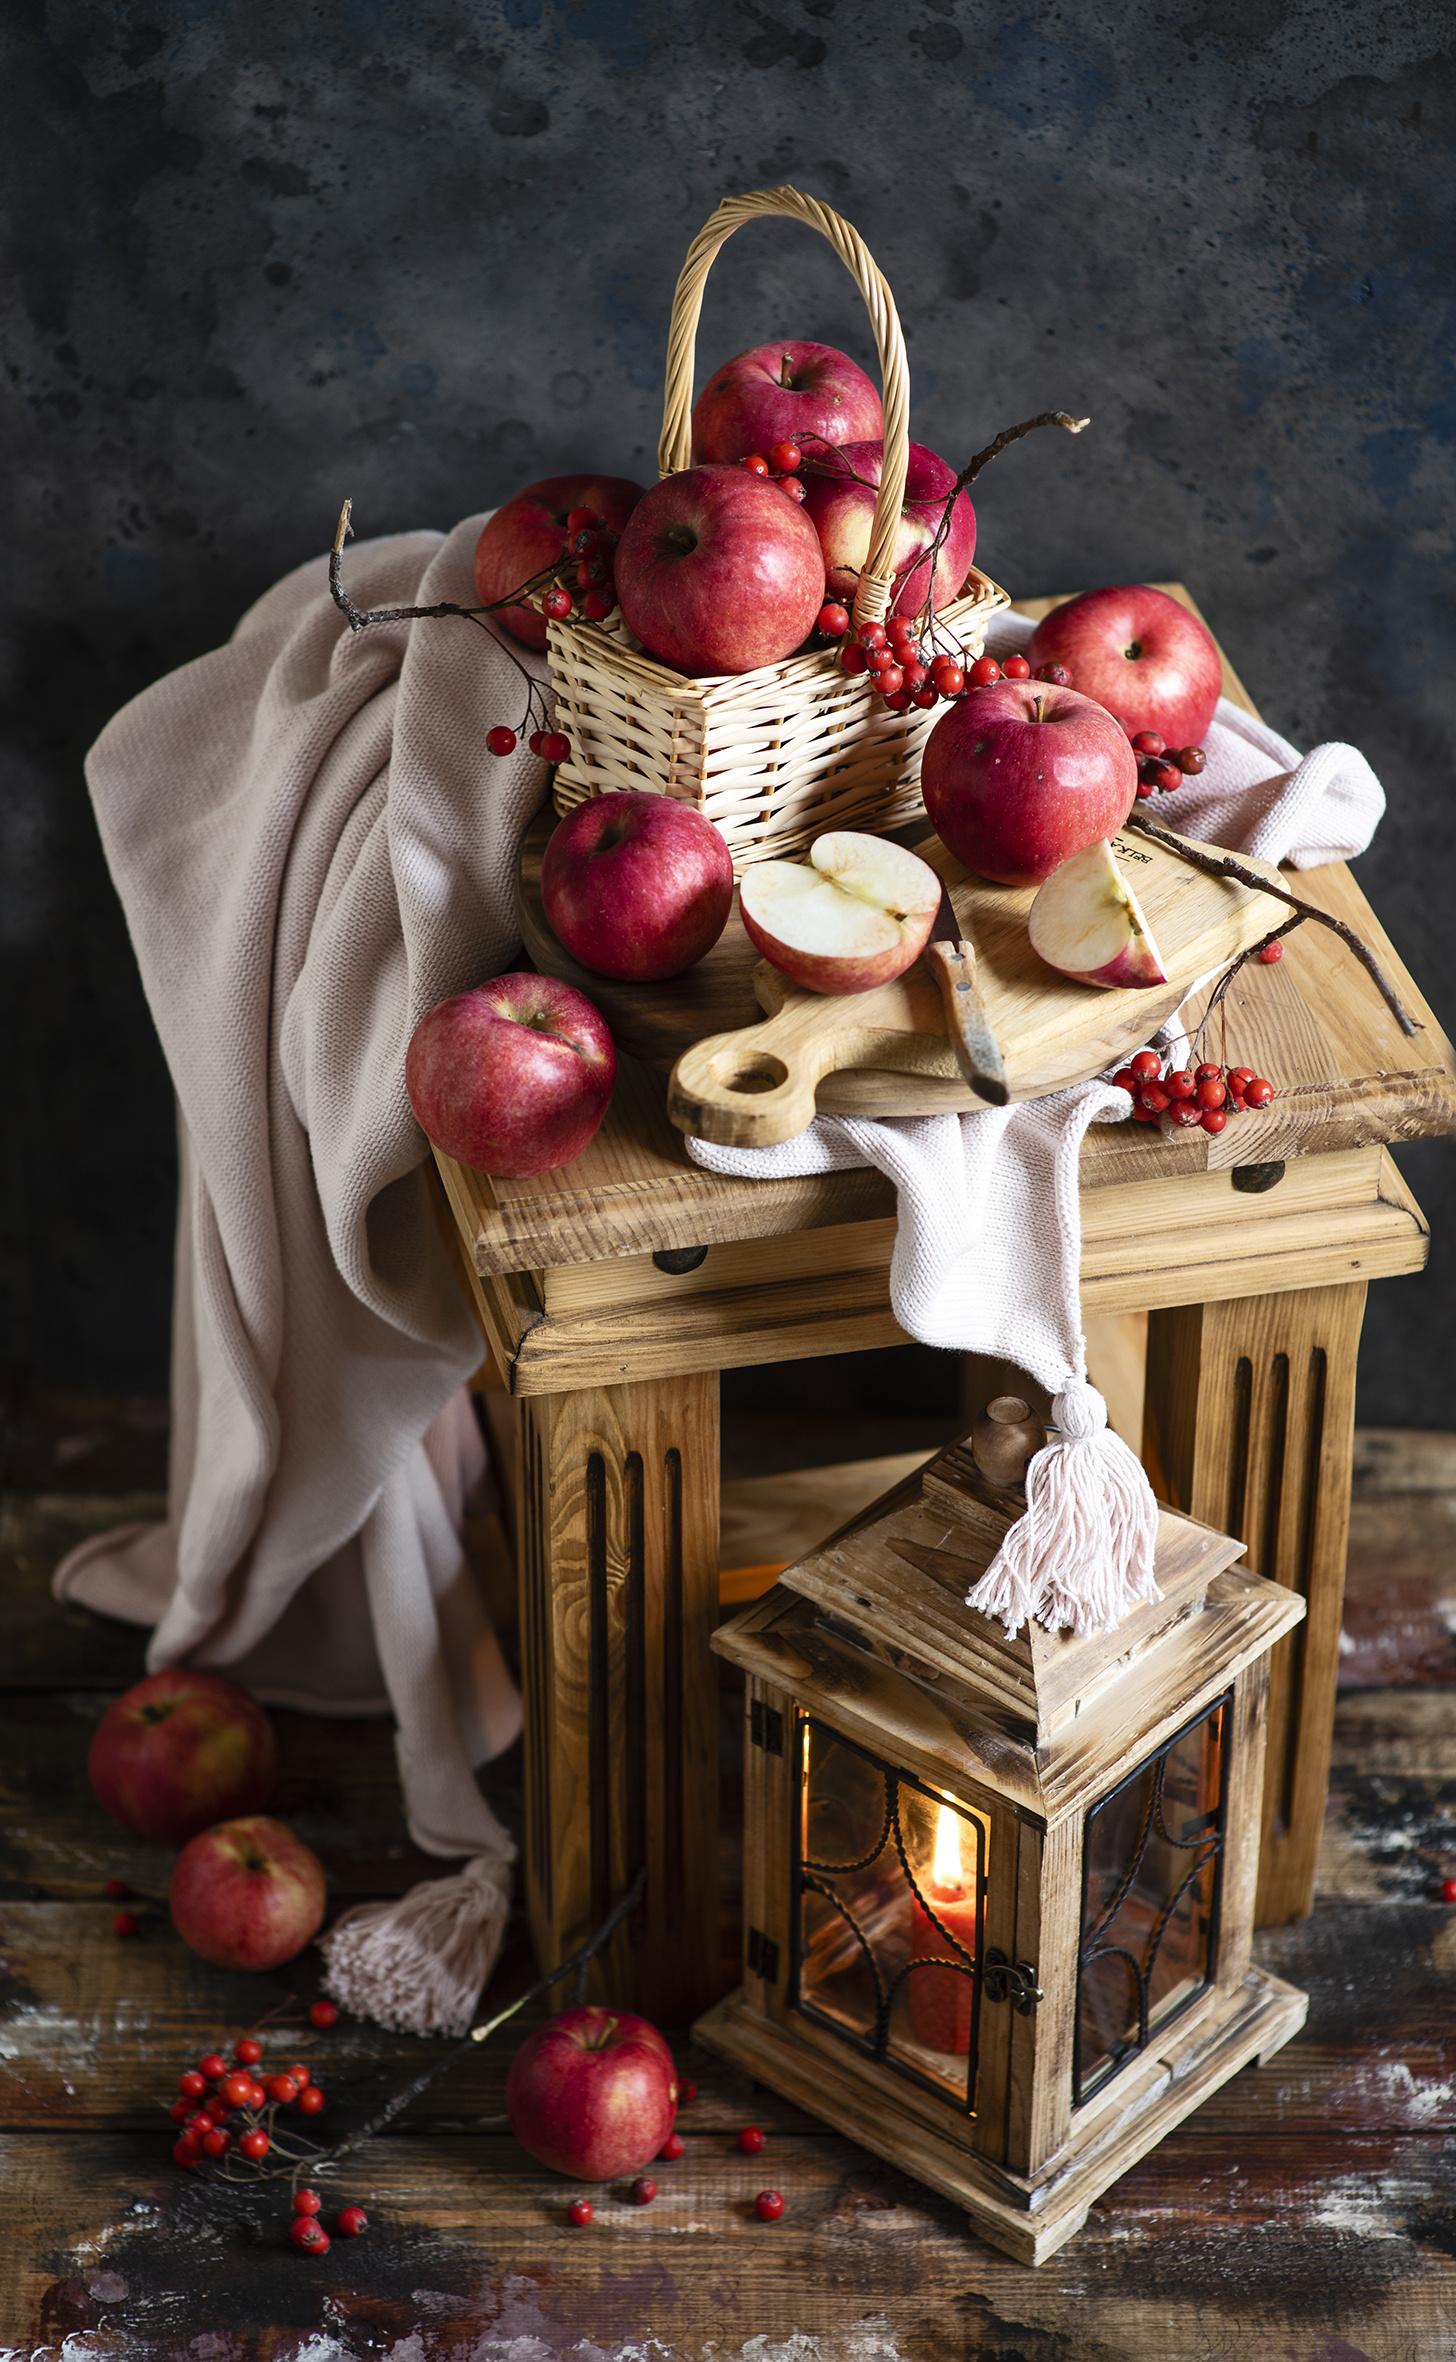 Обои для рабочего стола Рябина Яблоки Корзинка Еда Свечи  для мобильного телефона корзины Корзина Пища Продукты питания